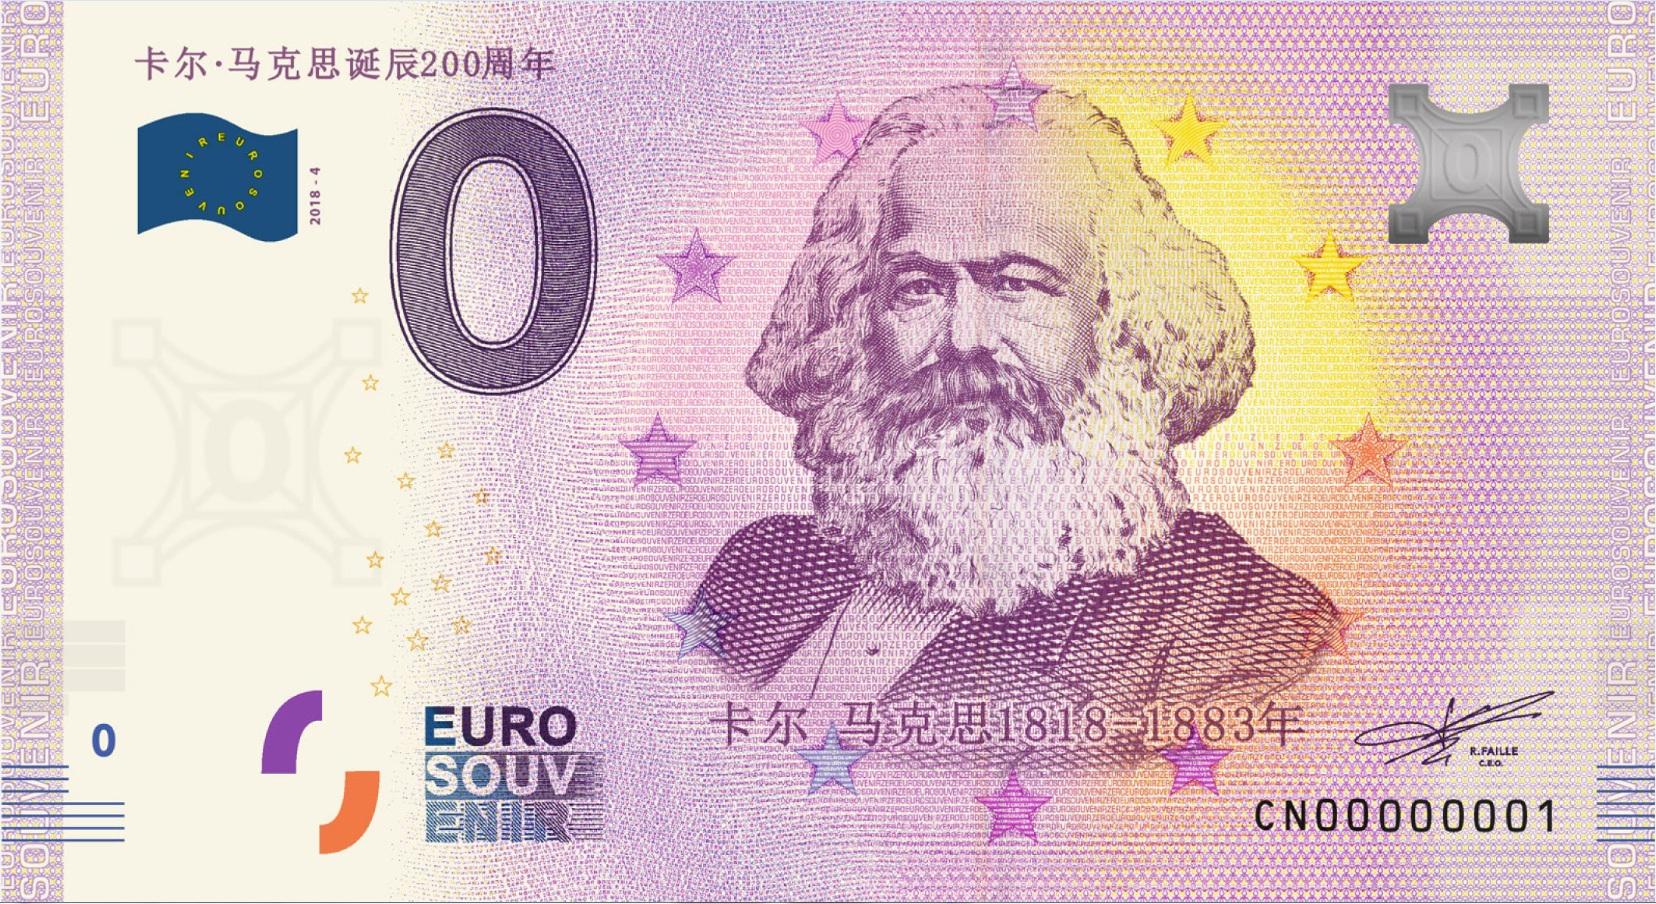 欧洲将发行以猪首为元素的零欧元纪念纸币 以此迎接中国新年